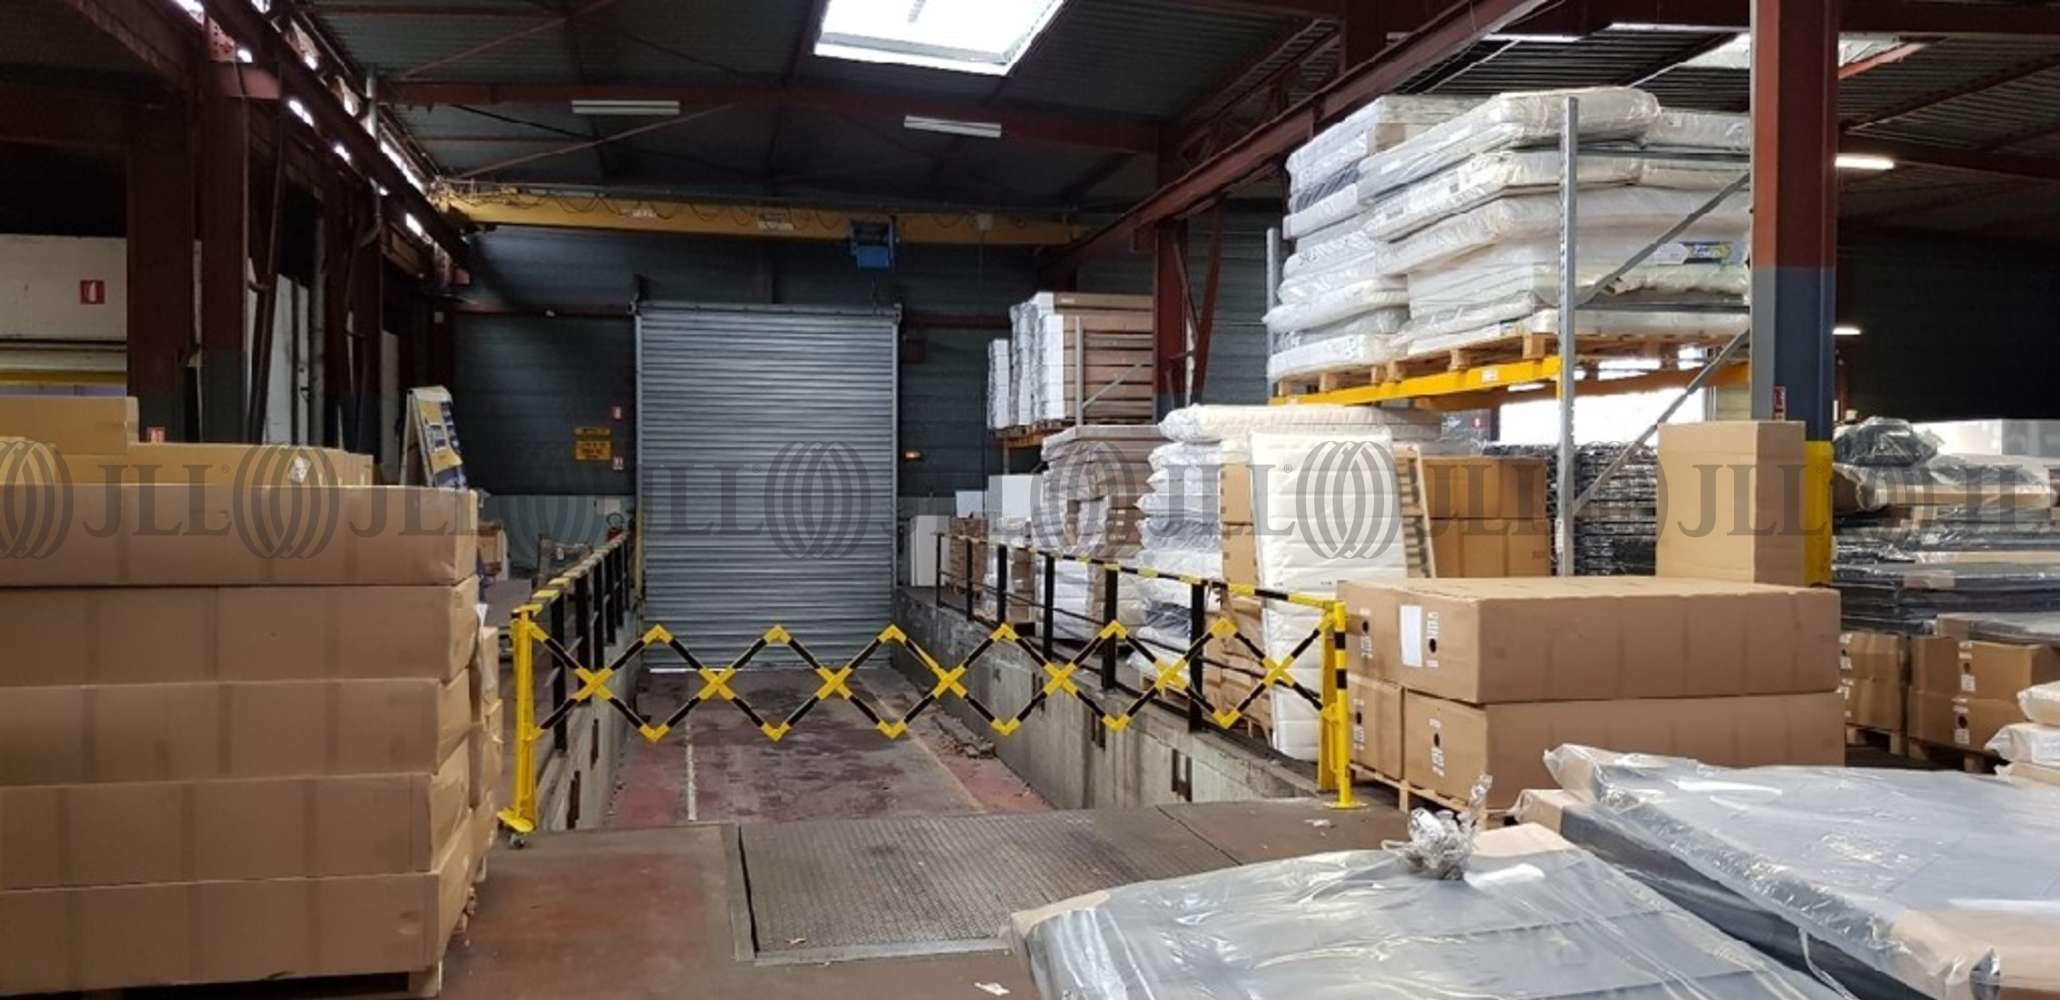 Plateformes logistiques Neuville en ferrain, 59960 - 26 RUE DU VERTUQUET